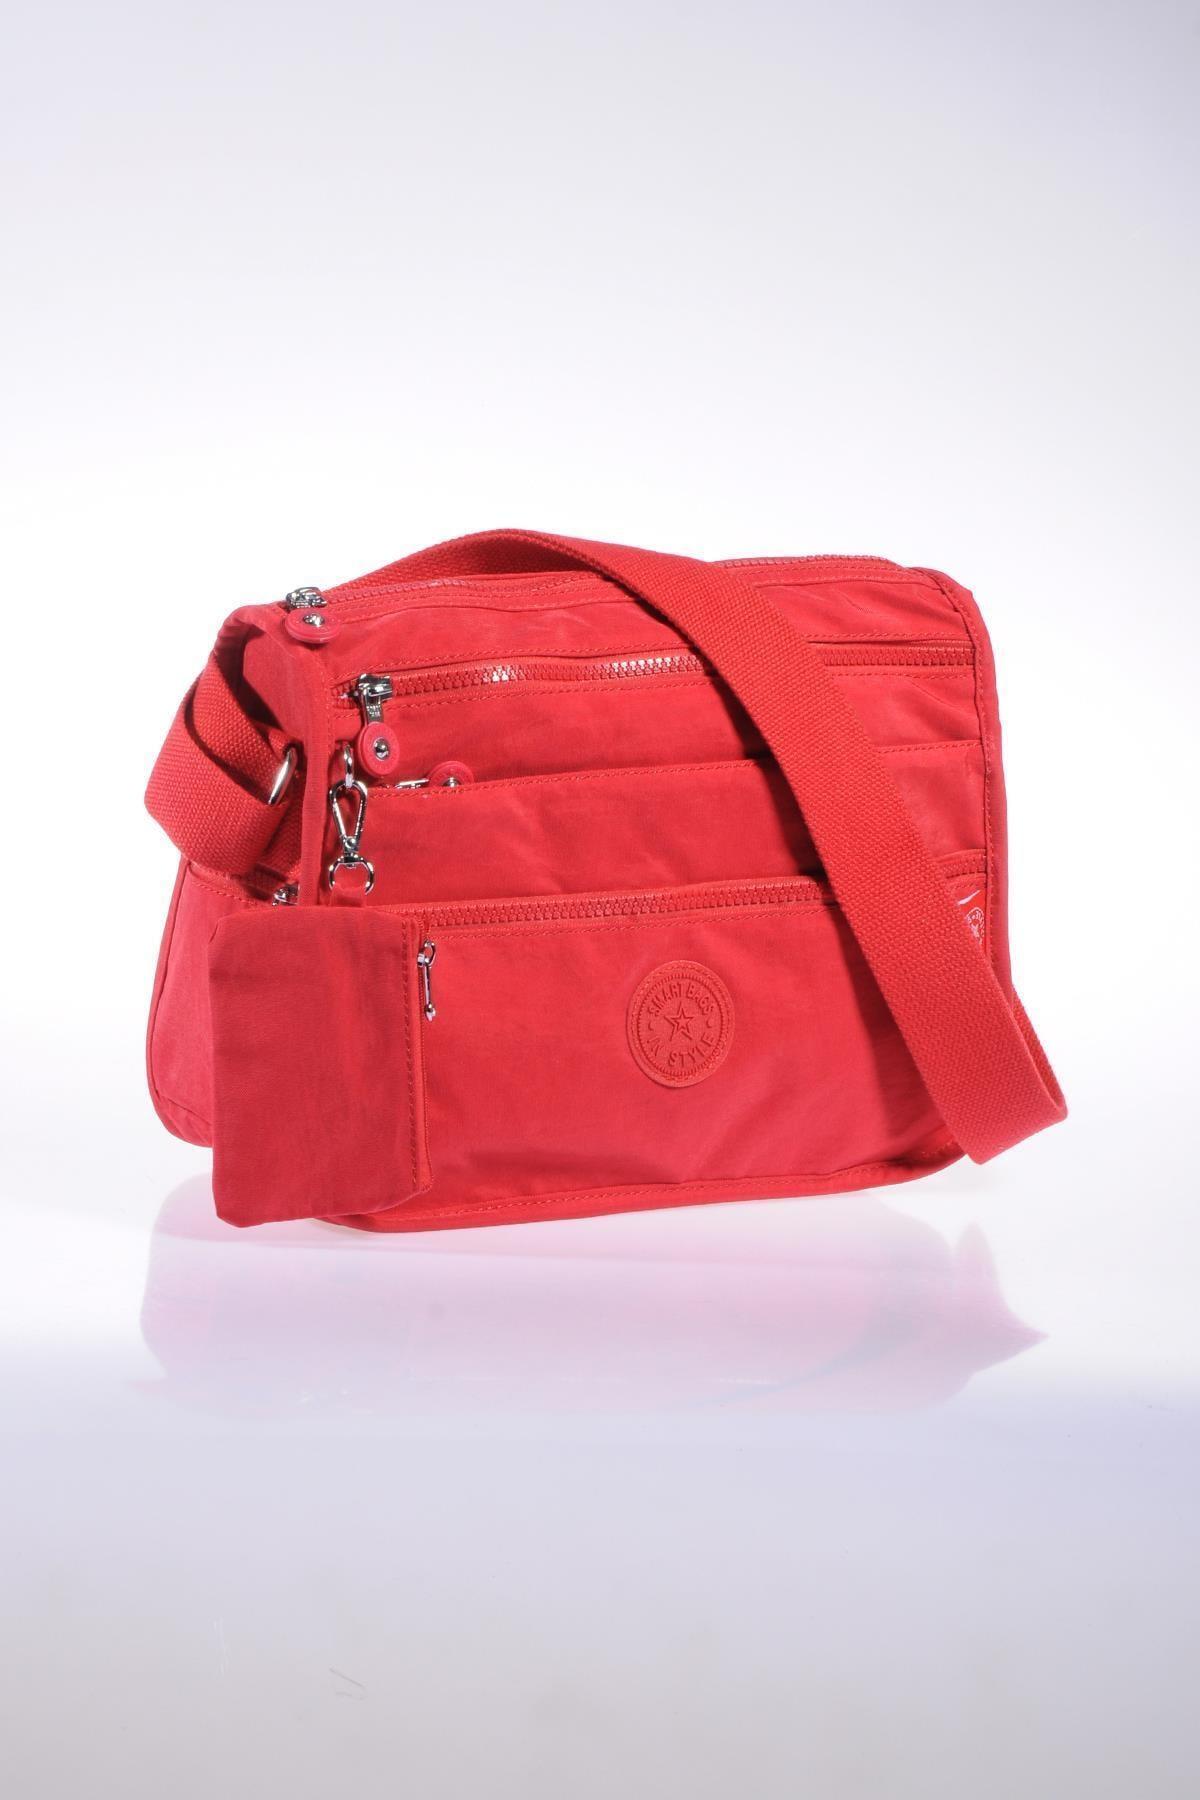 SMART BAGS Smb1128-0019 Kırmızı Kadın Çapraz Çanta 2